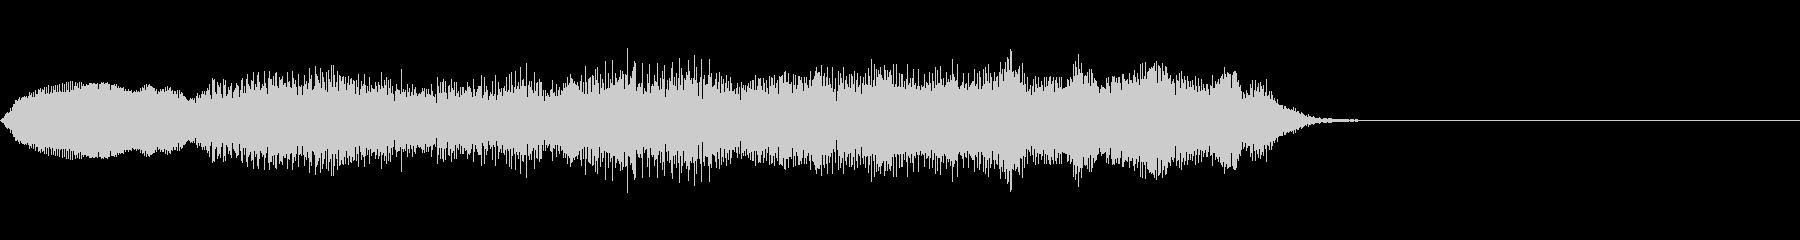 弦楽四重奏のジングルの未再生の波形